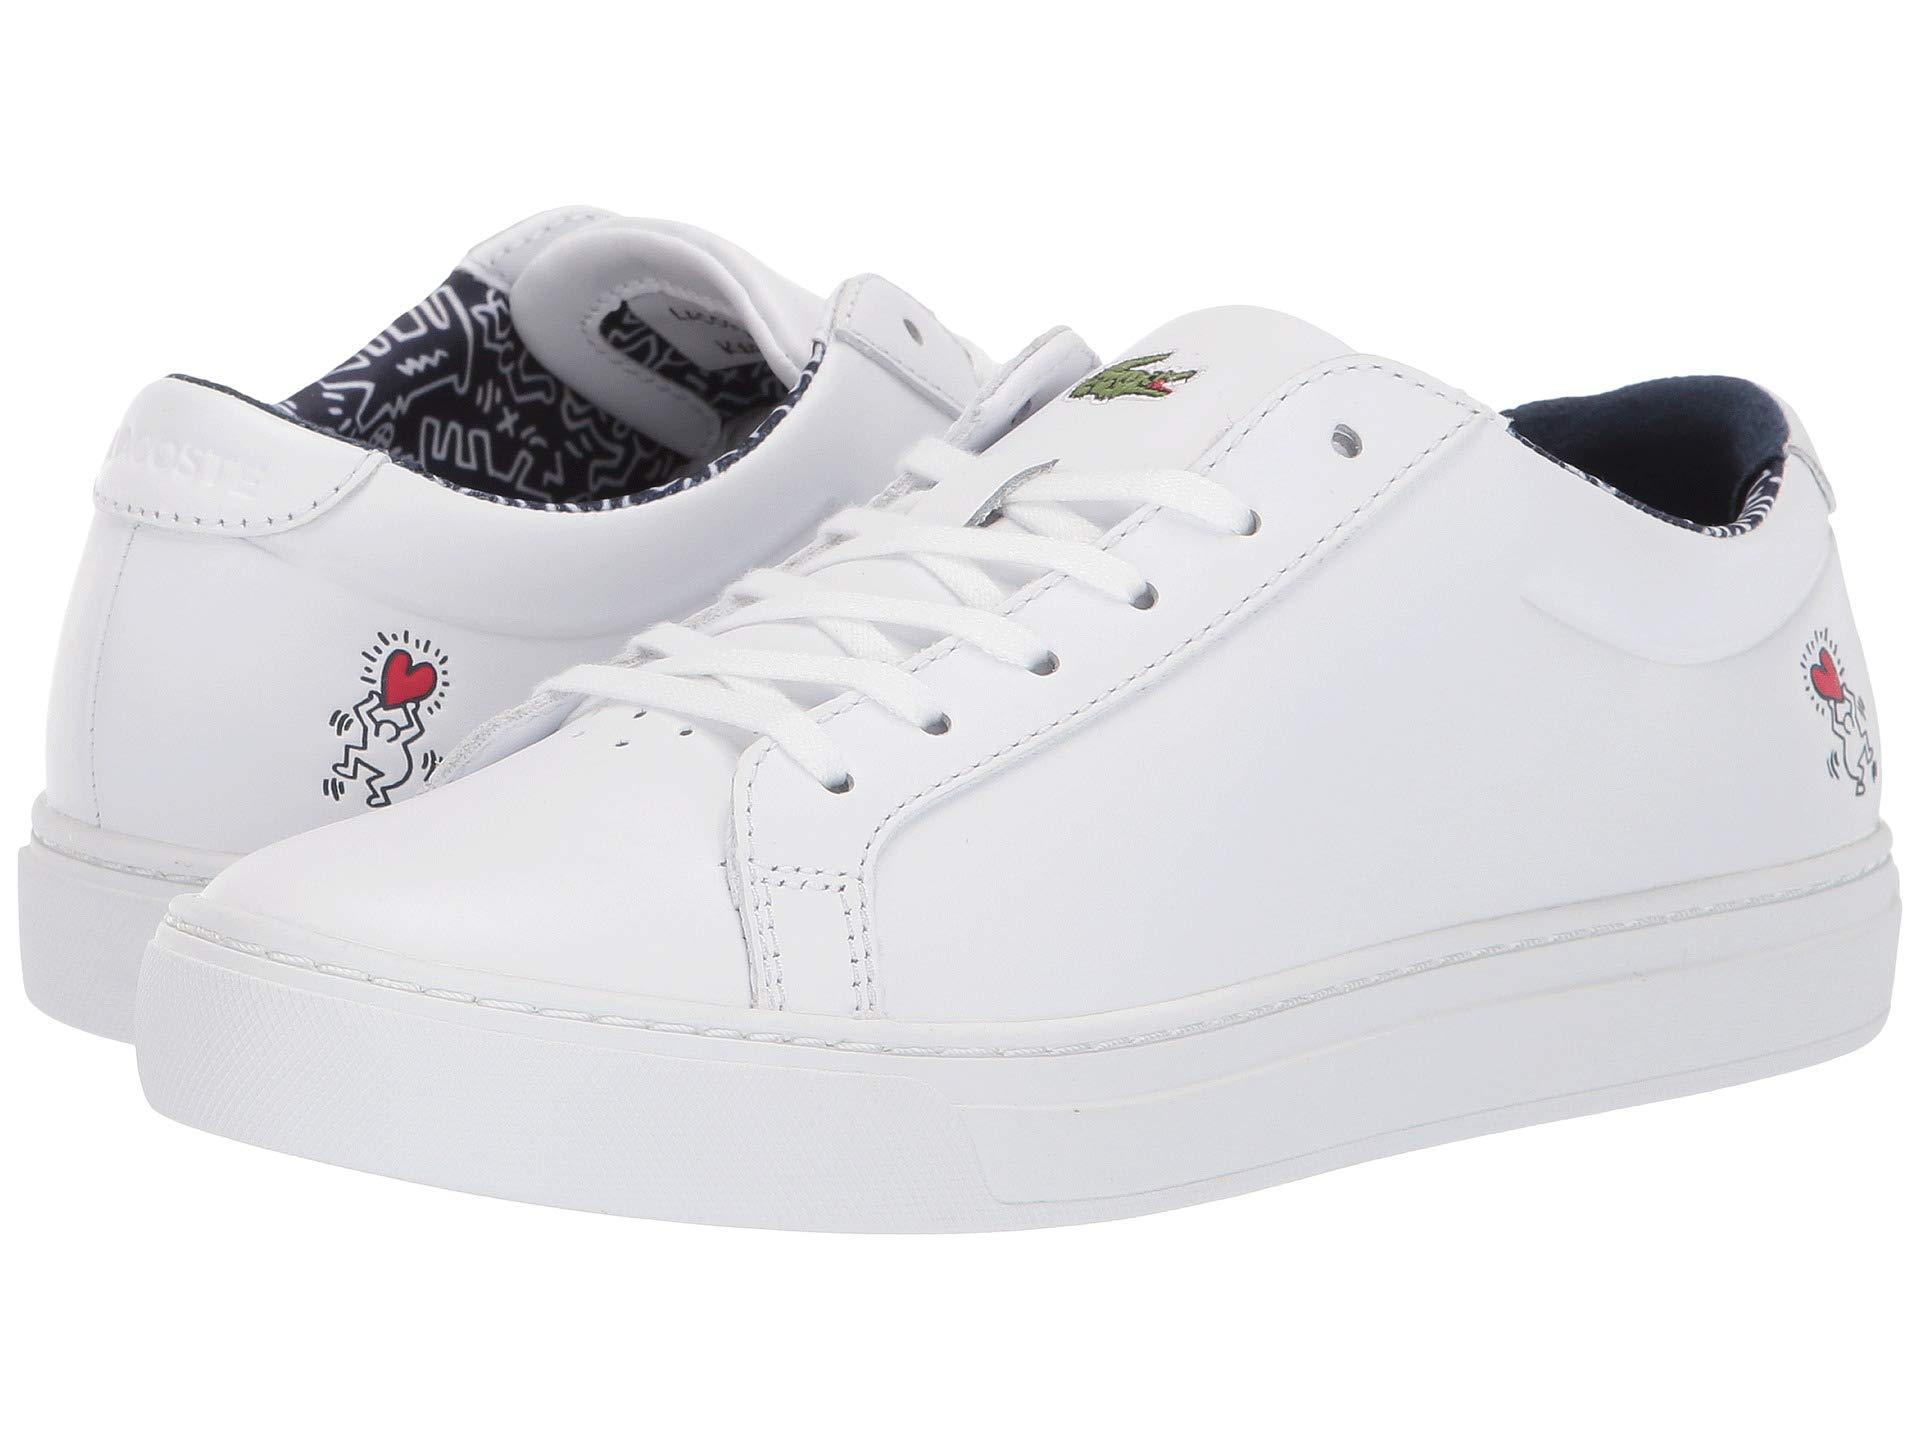 719e2e63c8bad Women's White L.12.12 119 1 Keith Haring Cfa